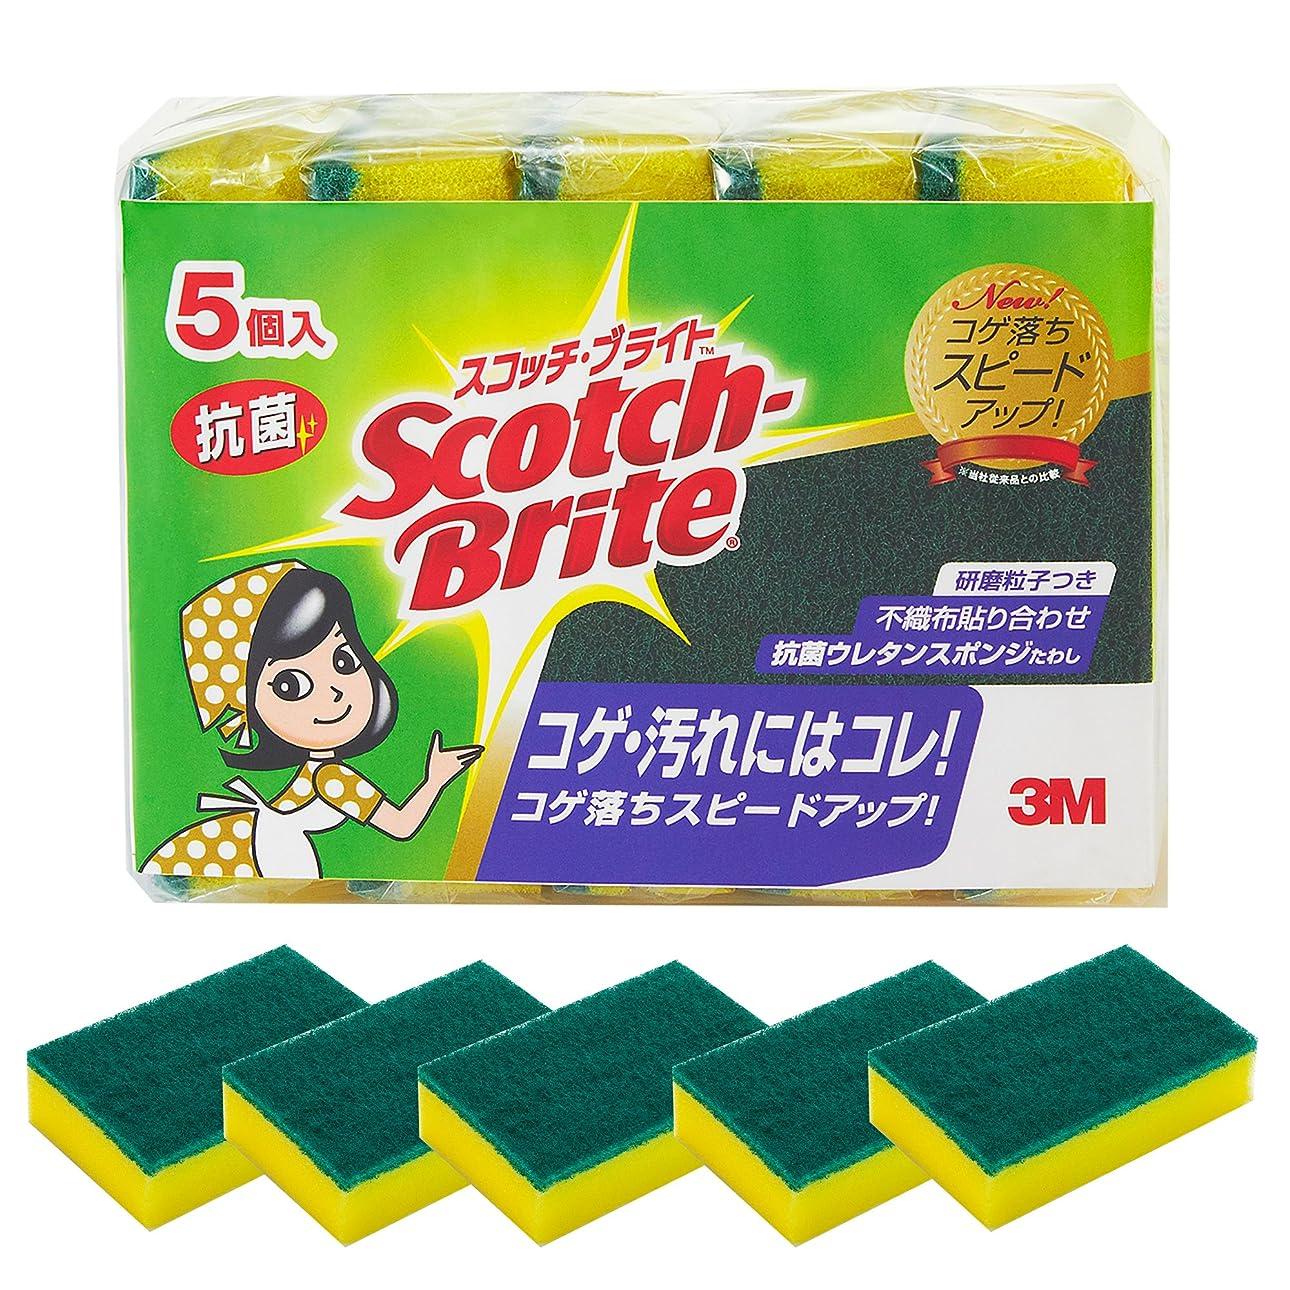 乳剤ぎこちない宇宙のスコッチブライト キッチンスポンジ 抗菌たわしS 5個 S-21KS 5PC